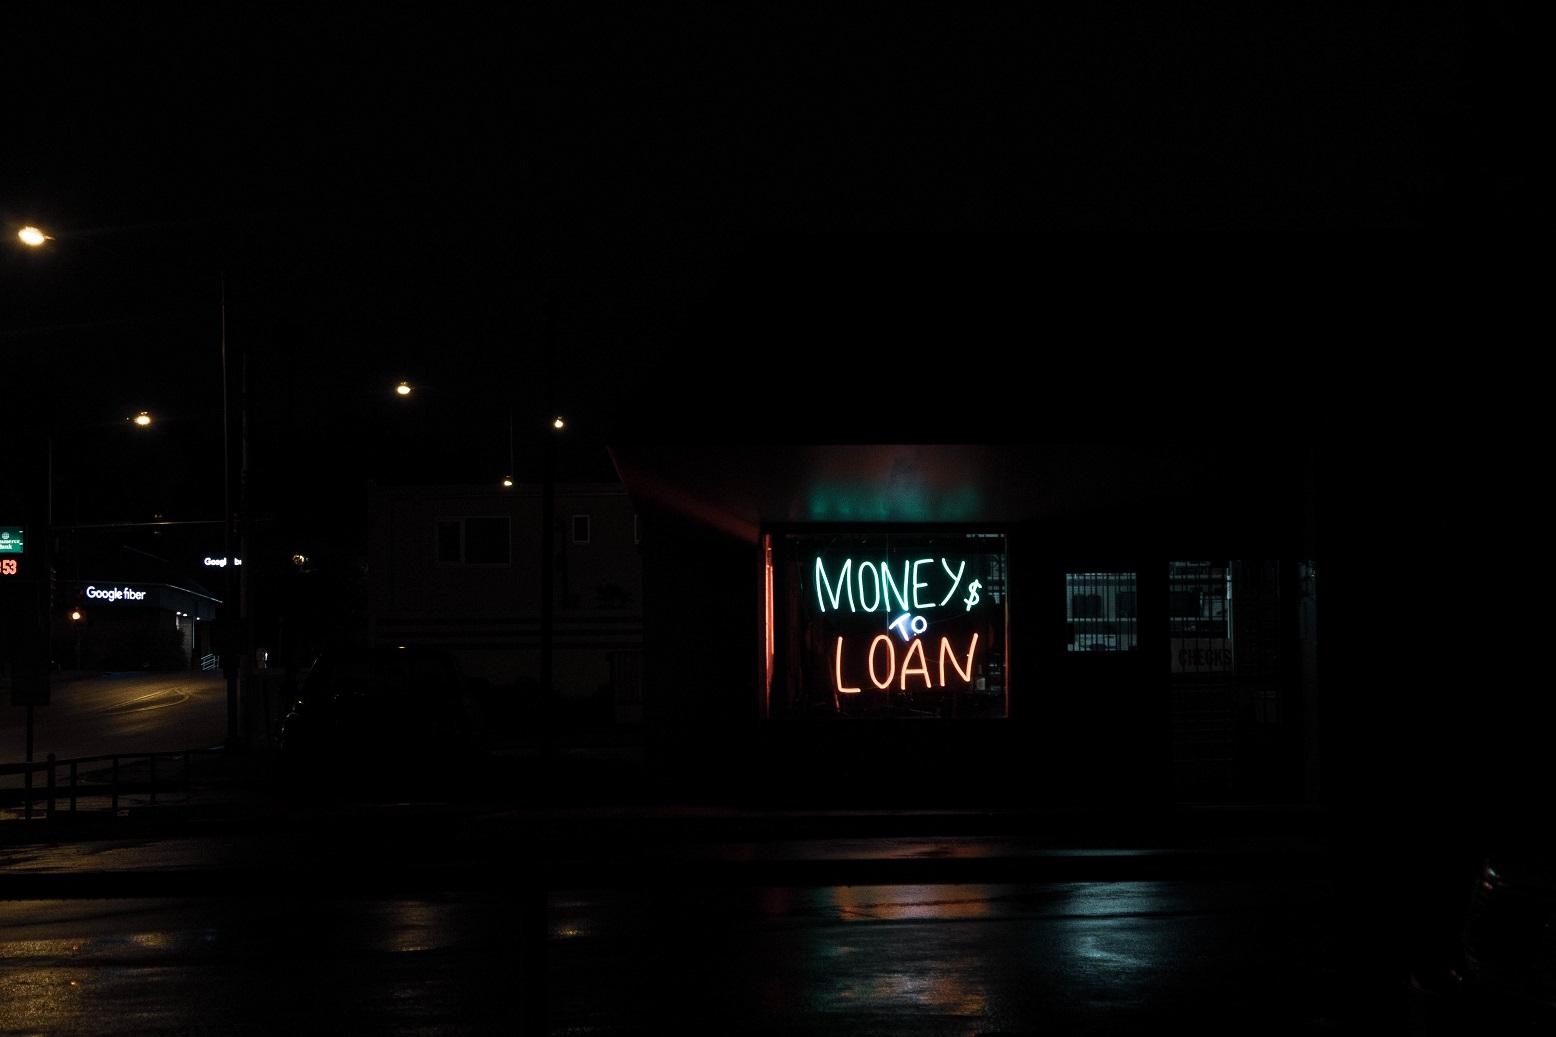 Flash Loans, a loan shark shop